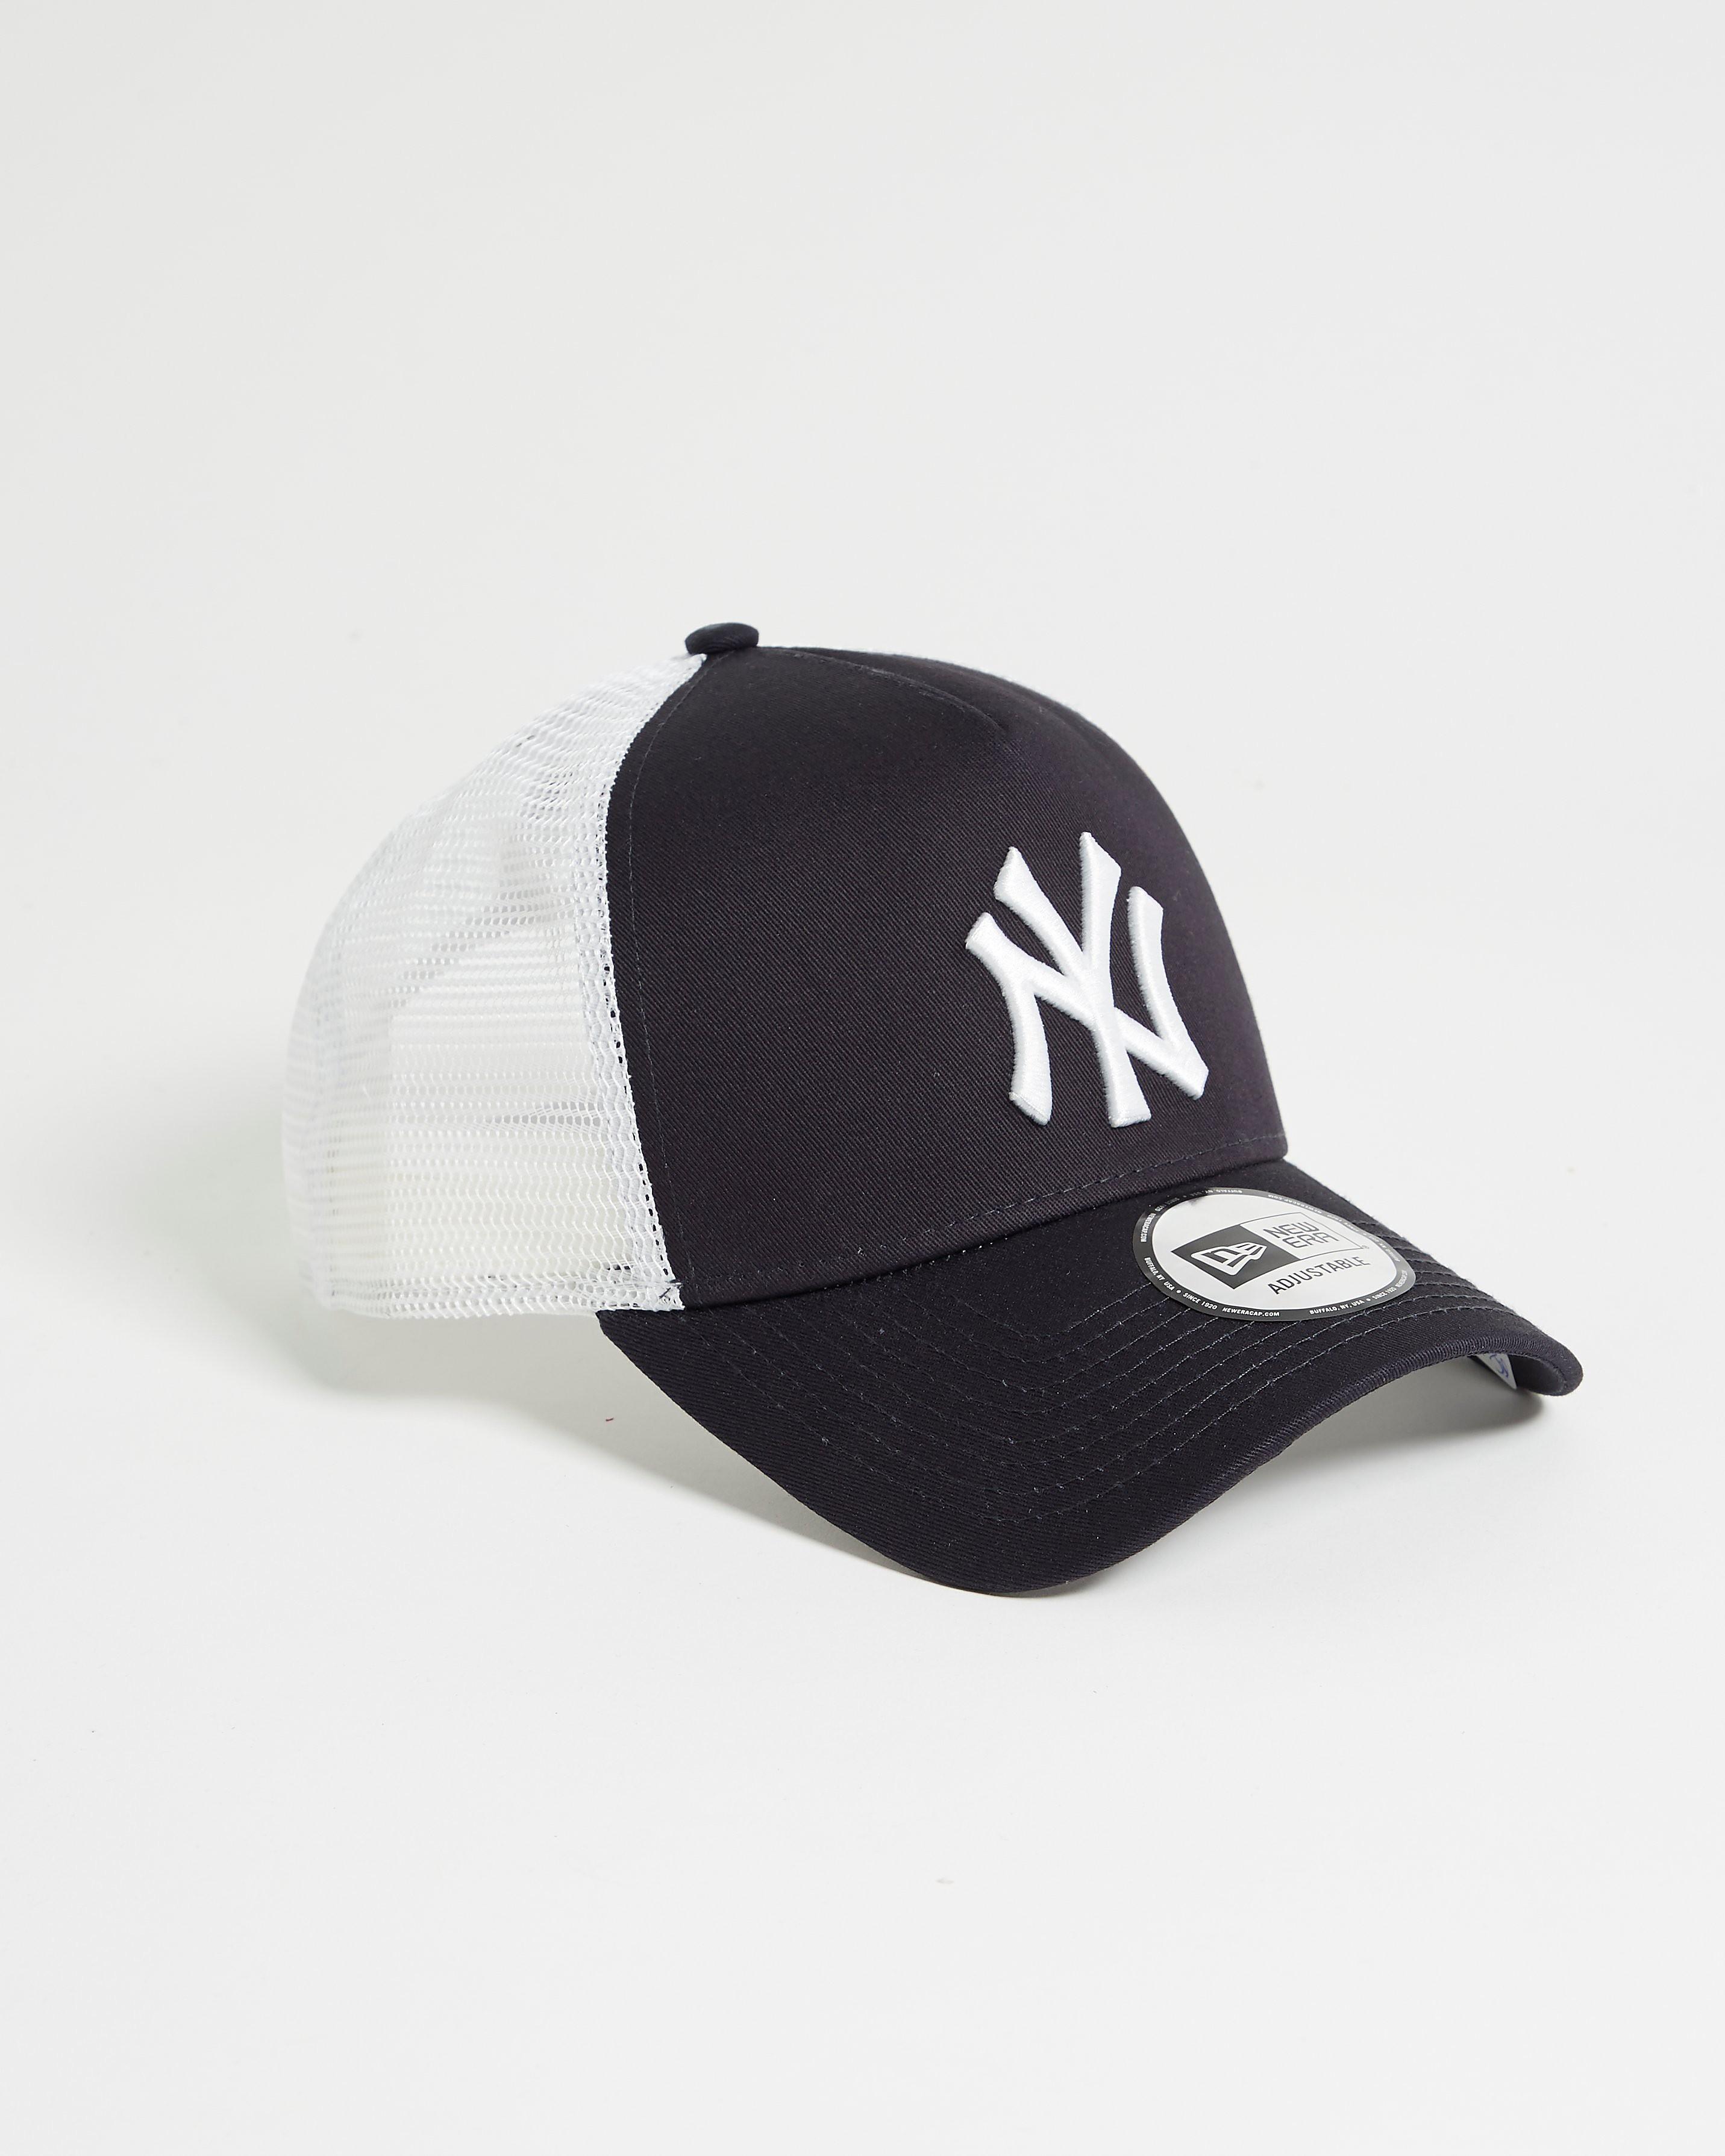 New Era MLB New York Yankees Snapback Trucker Cap - Blauw - Heren